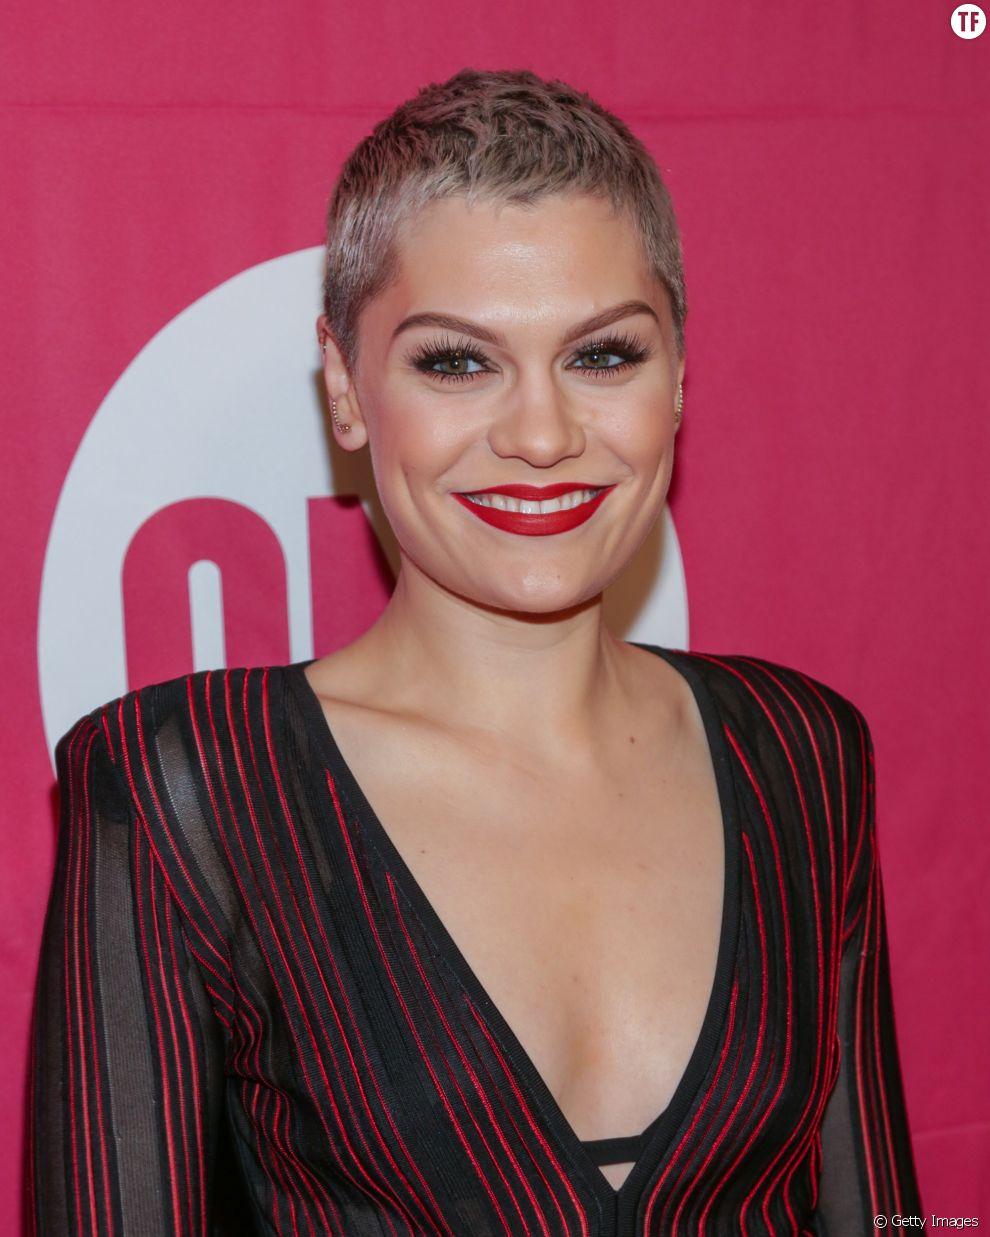 La chanteuse Jessie J s'est râsée la tête en 2013